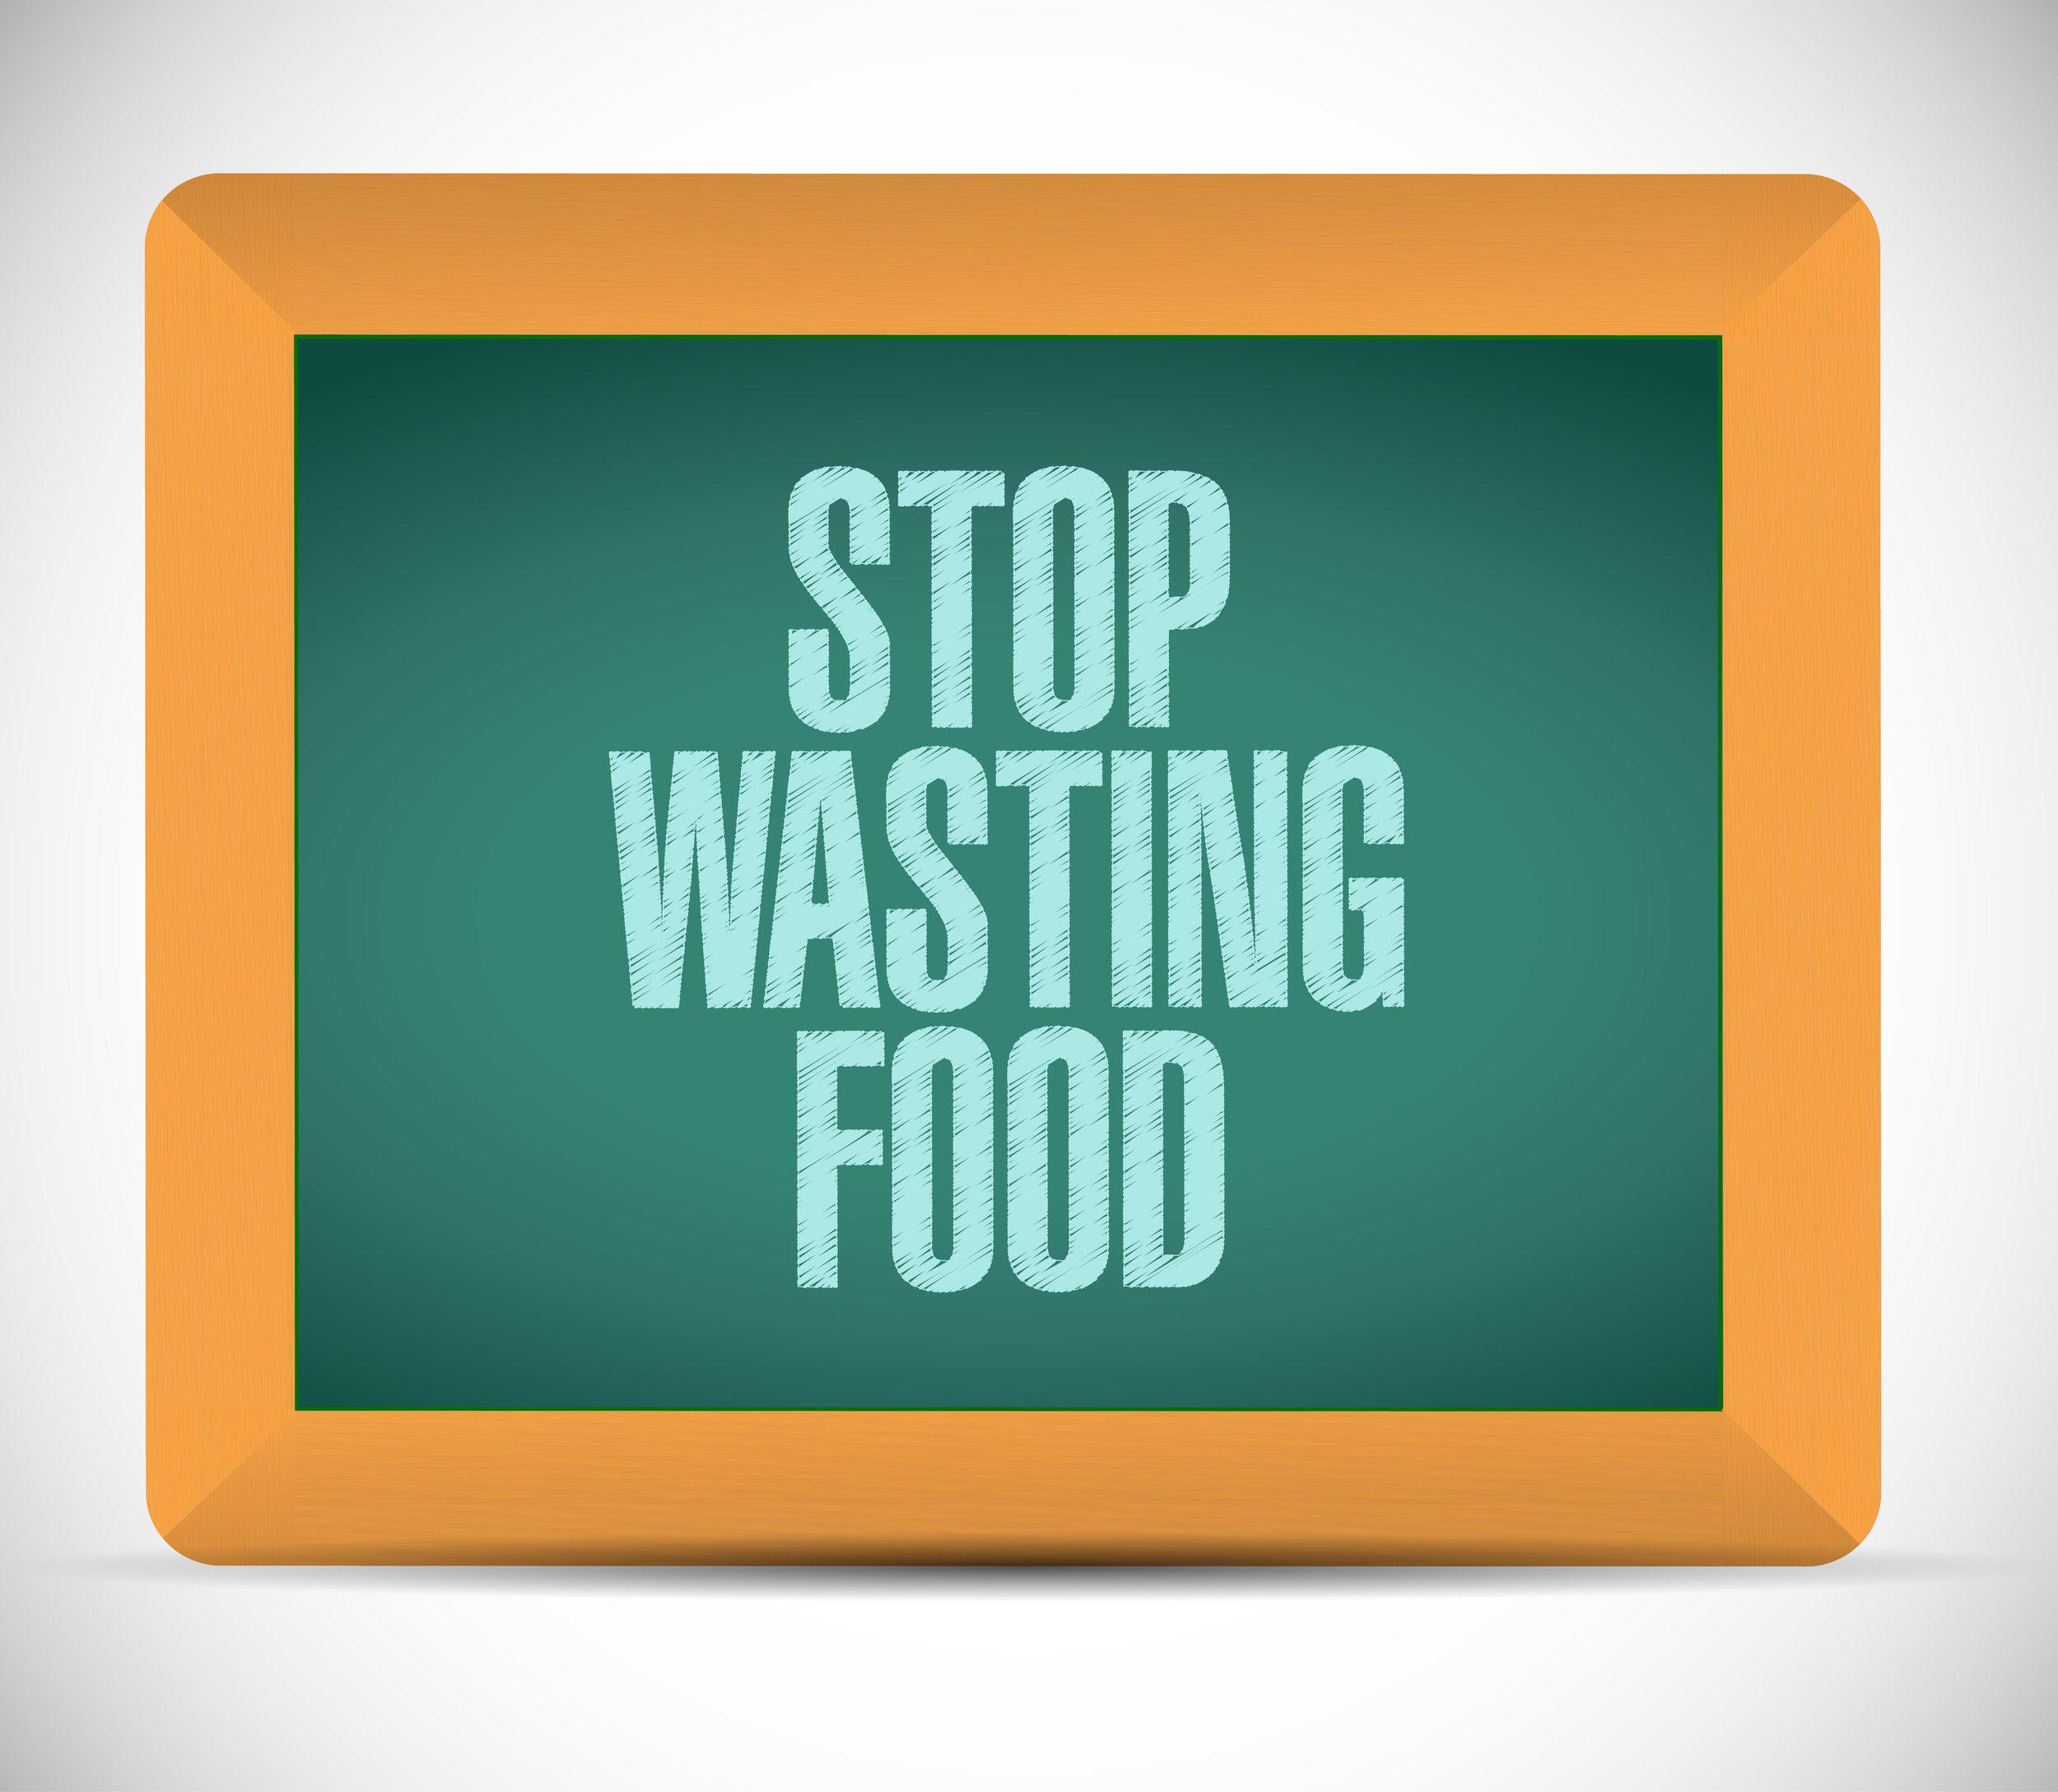 stopwastingfood.jpg